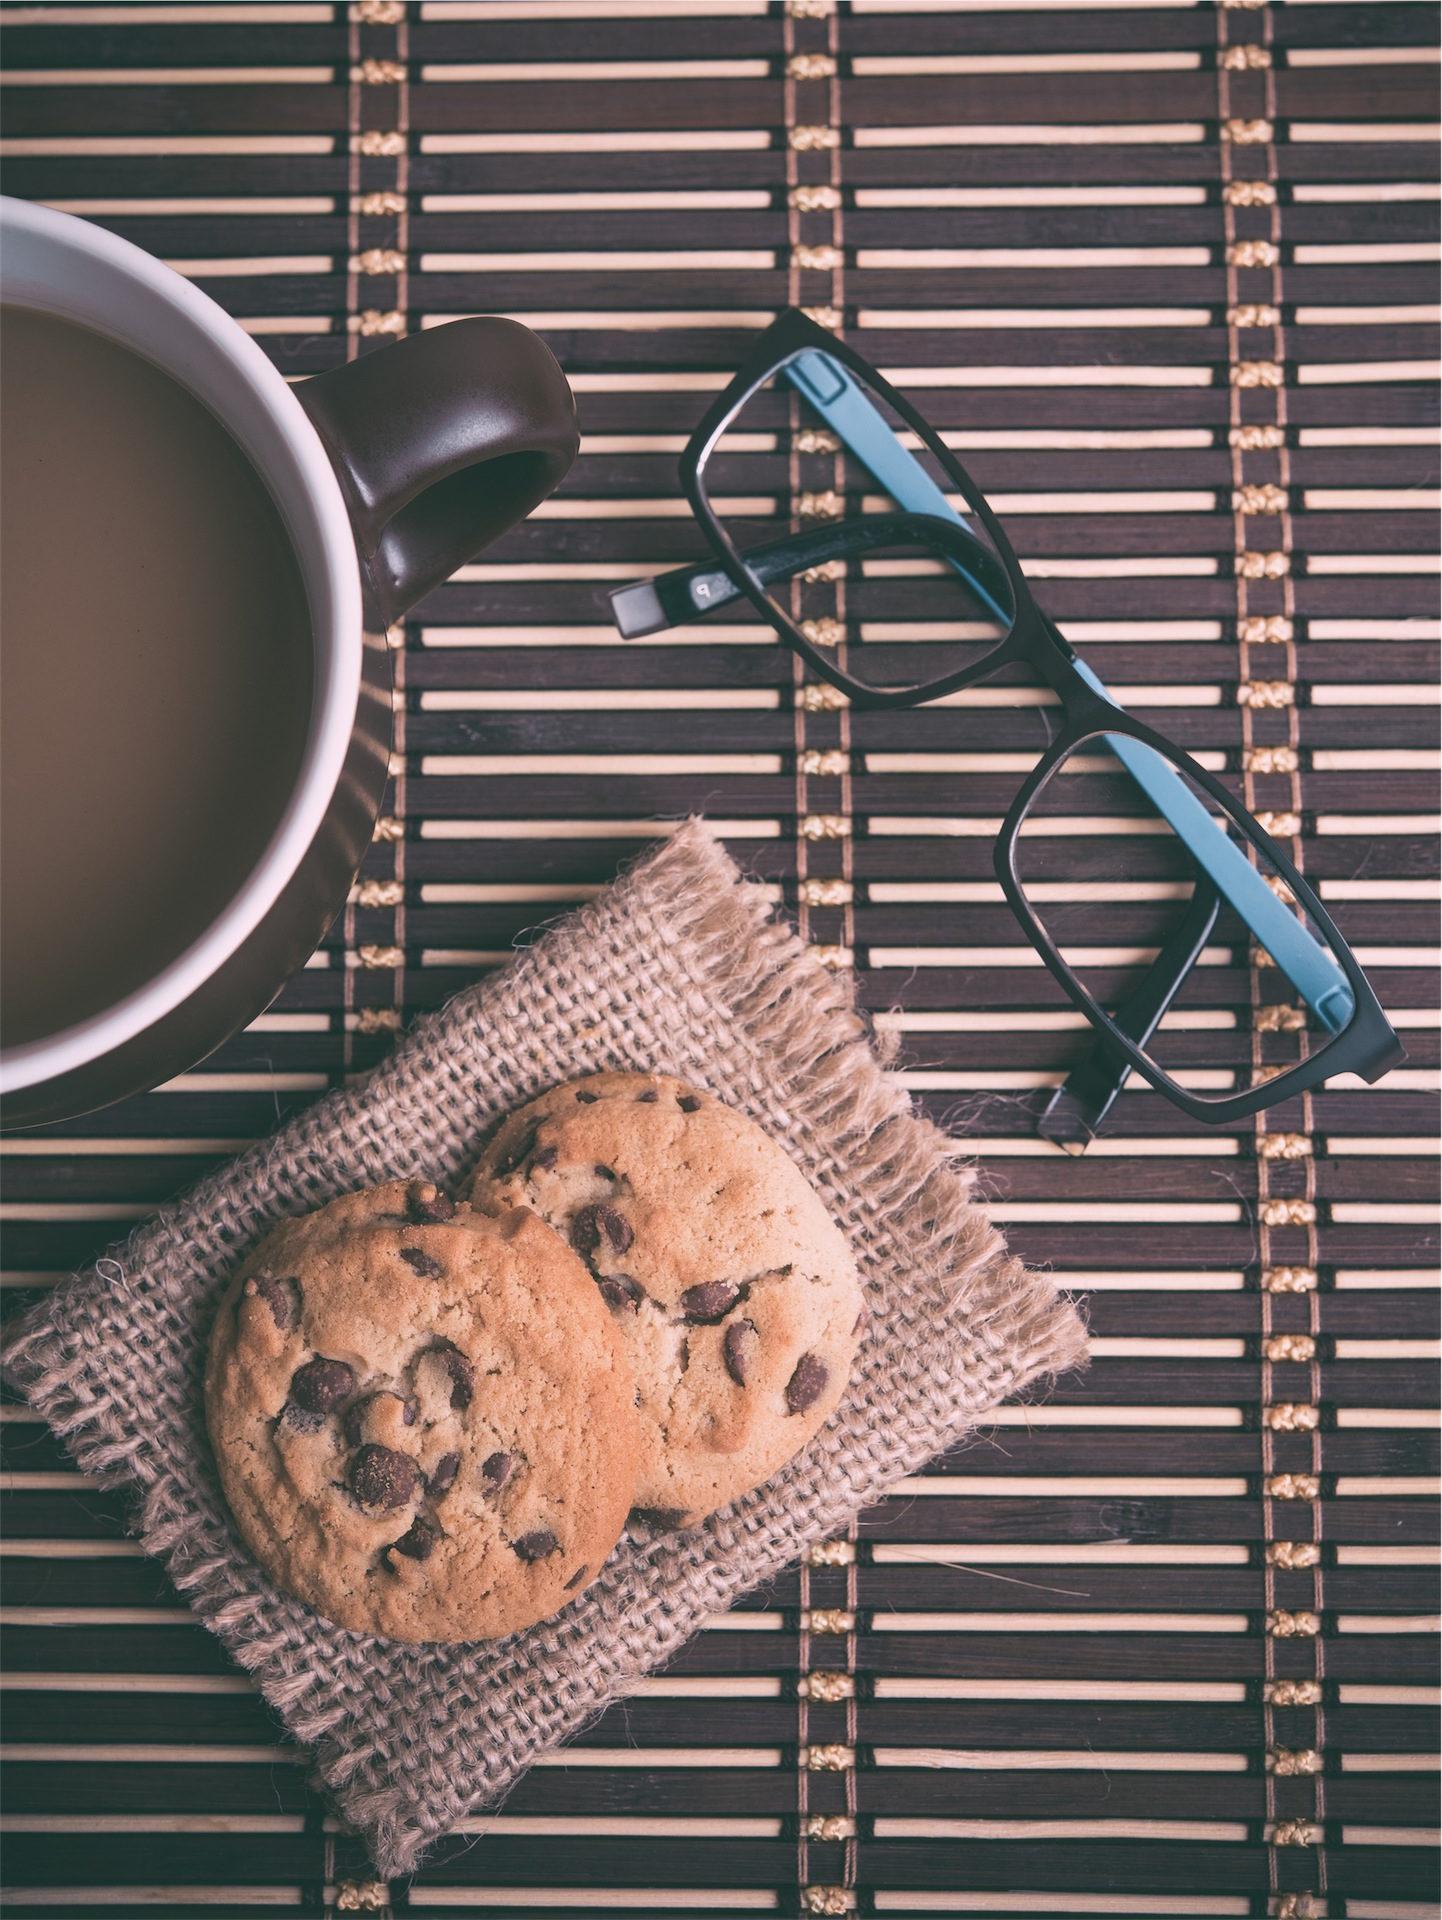 Coupe, café, Cookies, lunettes de soleil, le petit déjeuner - Fonds d'écran HD - Professor-falken.com